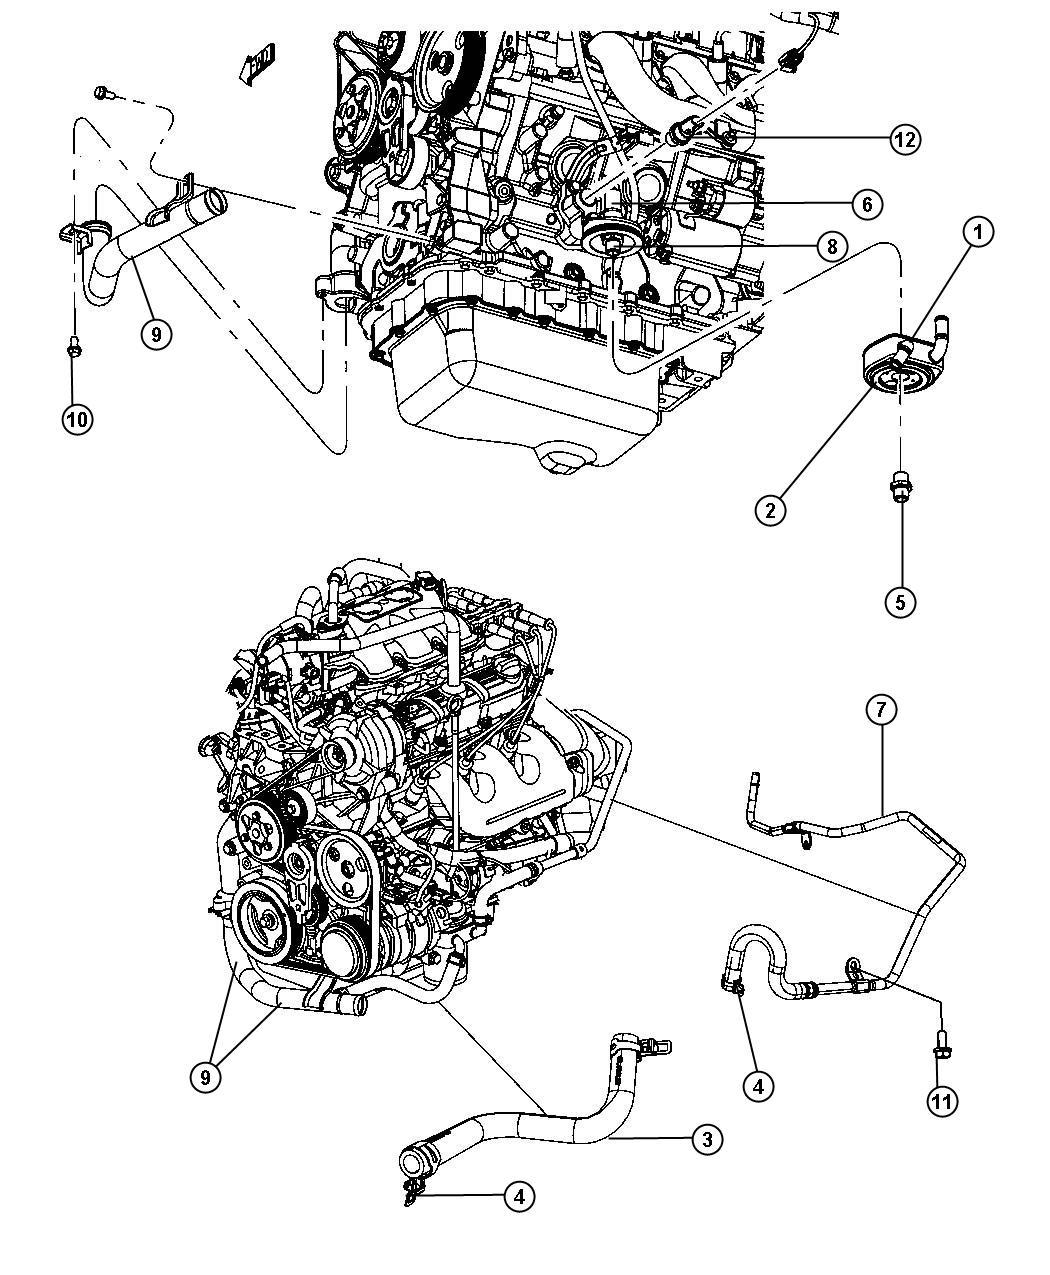 Engine Oil Cooler And Hoses Tubes 3 8l 3 8l V6 Ohv Engine